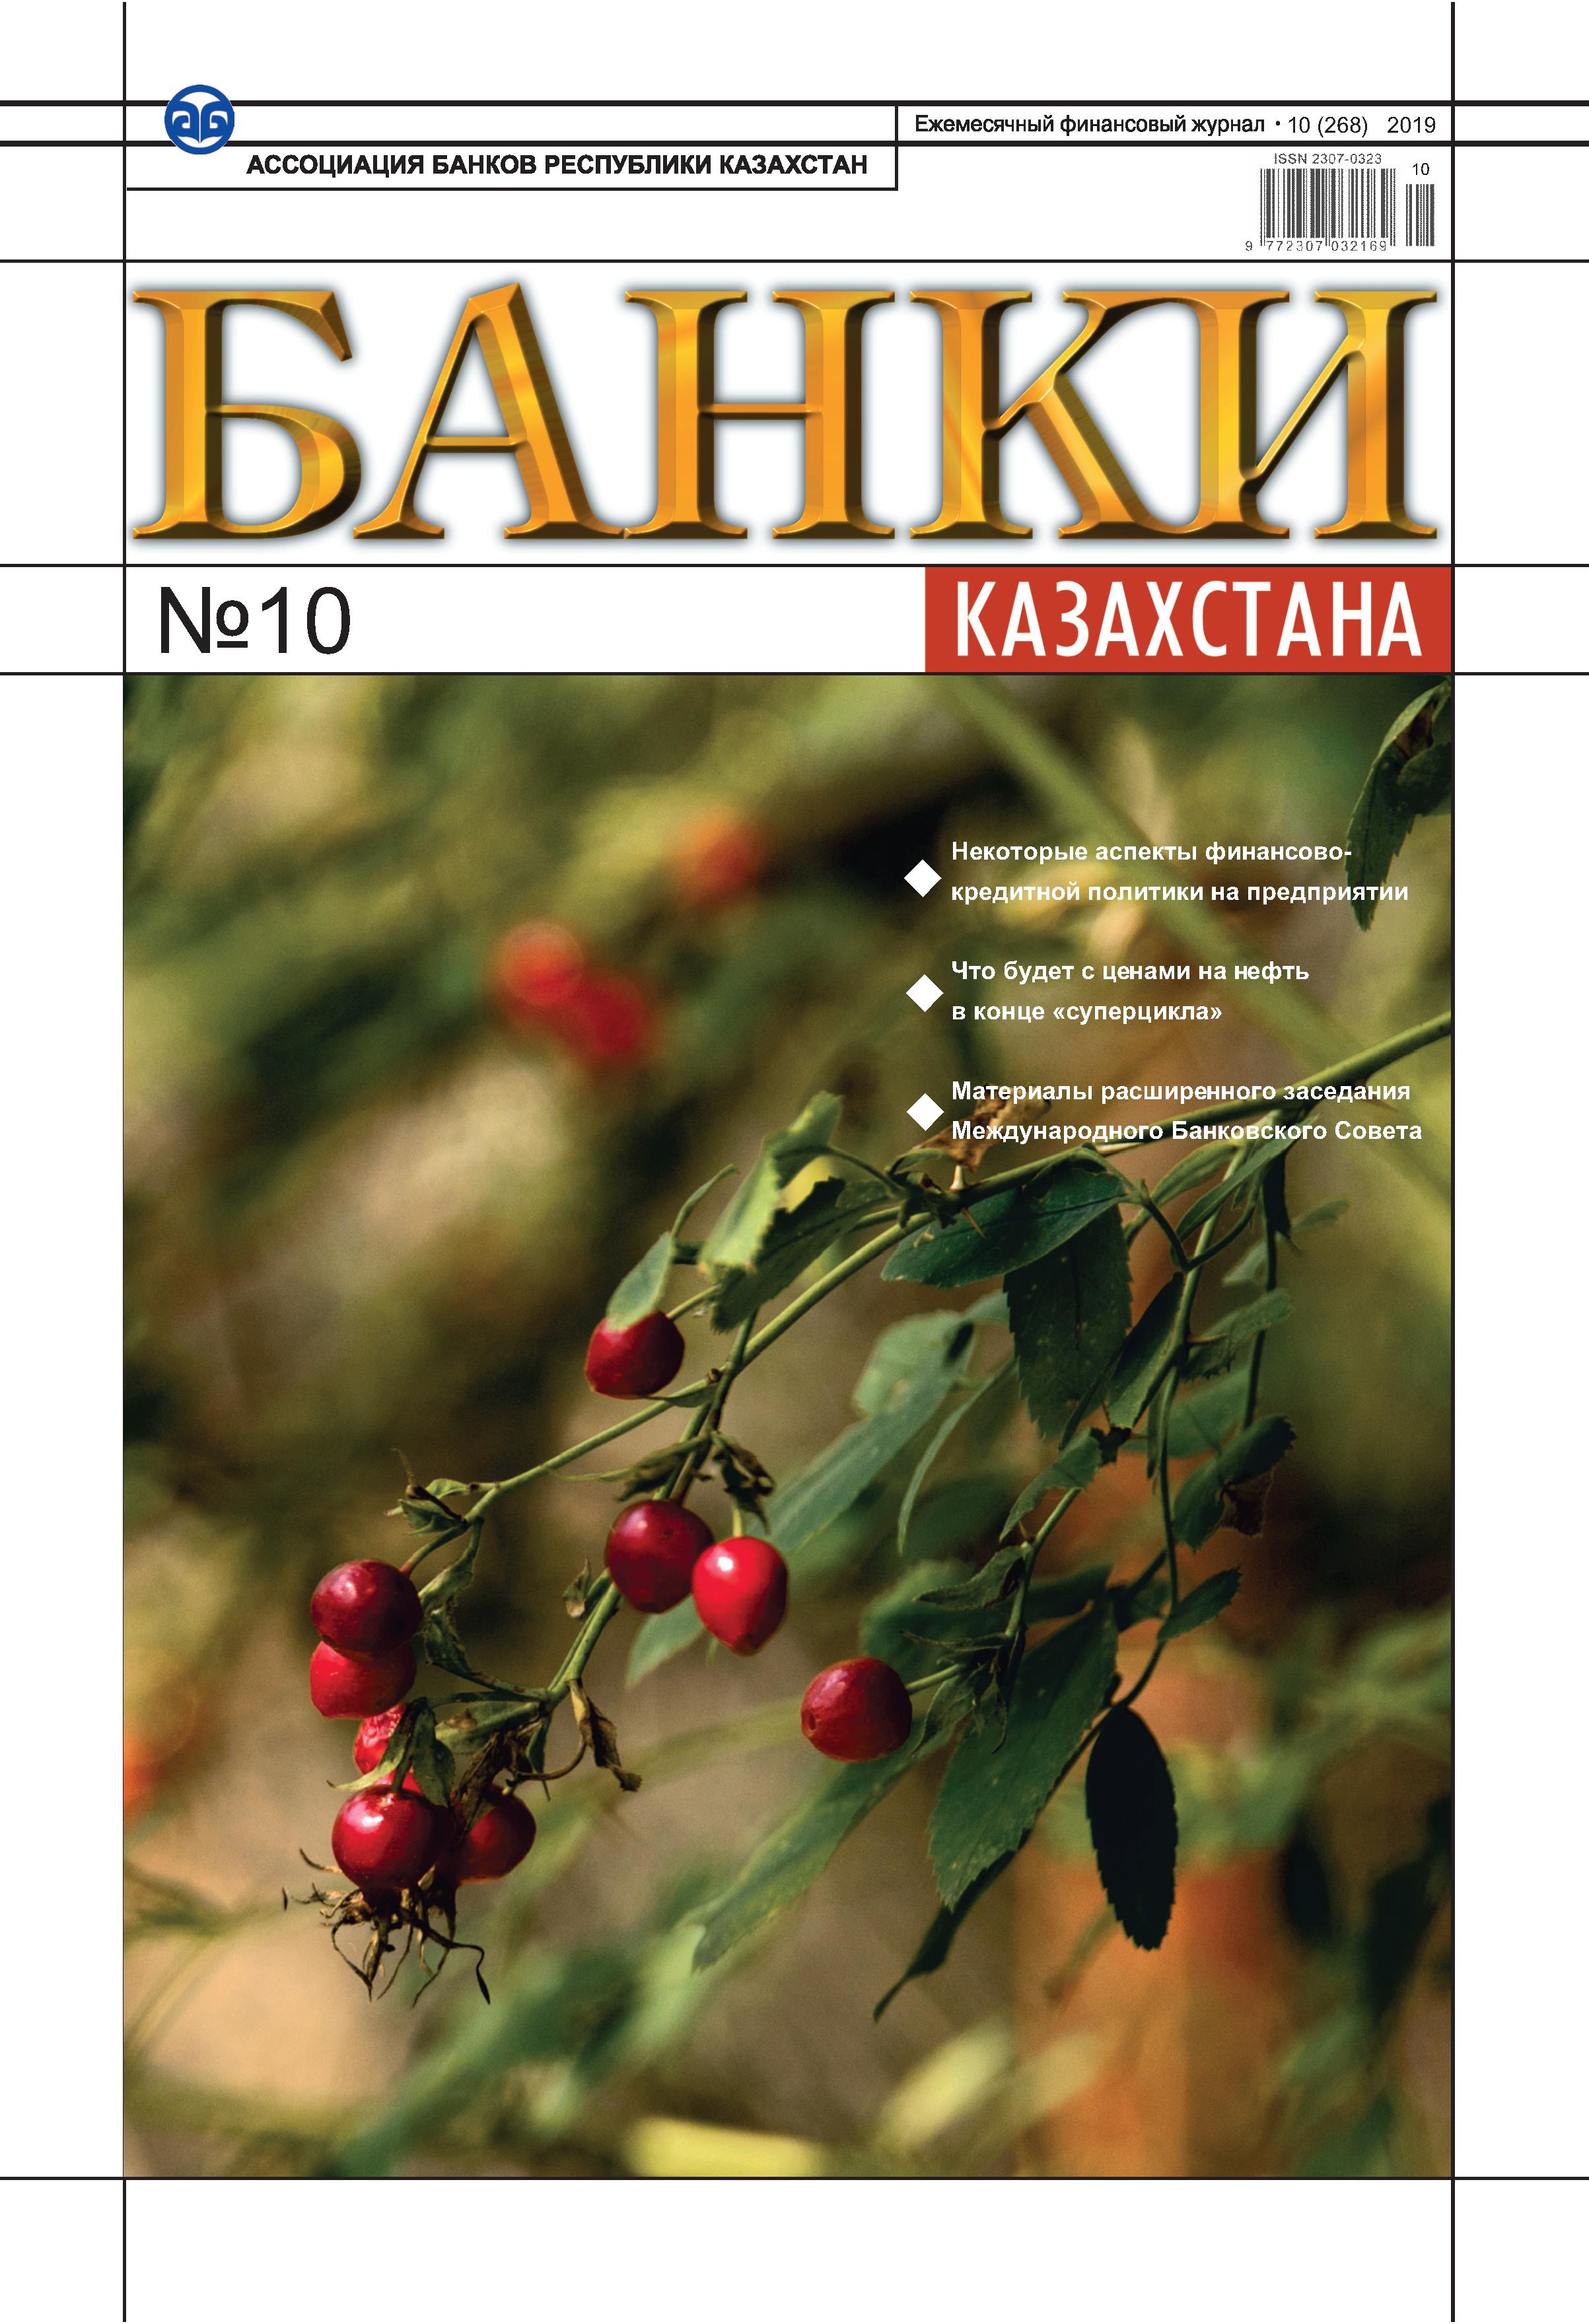 Ассоциация банков Казахстана